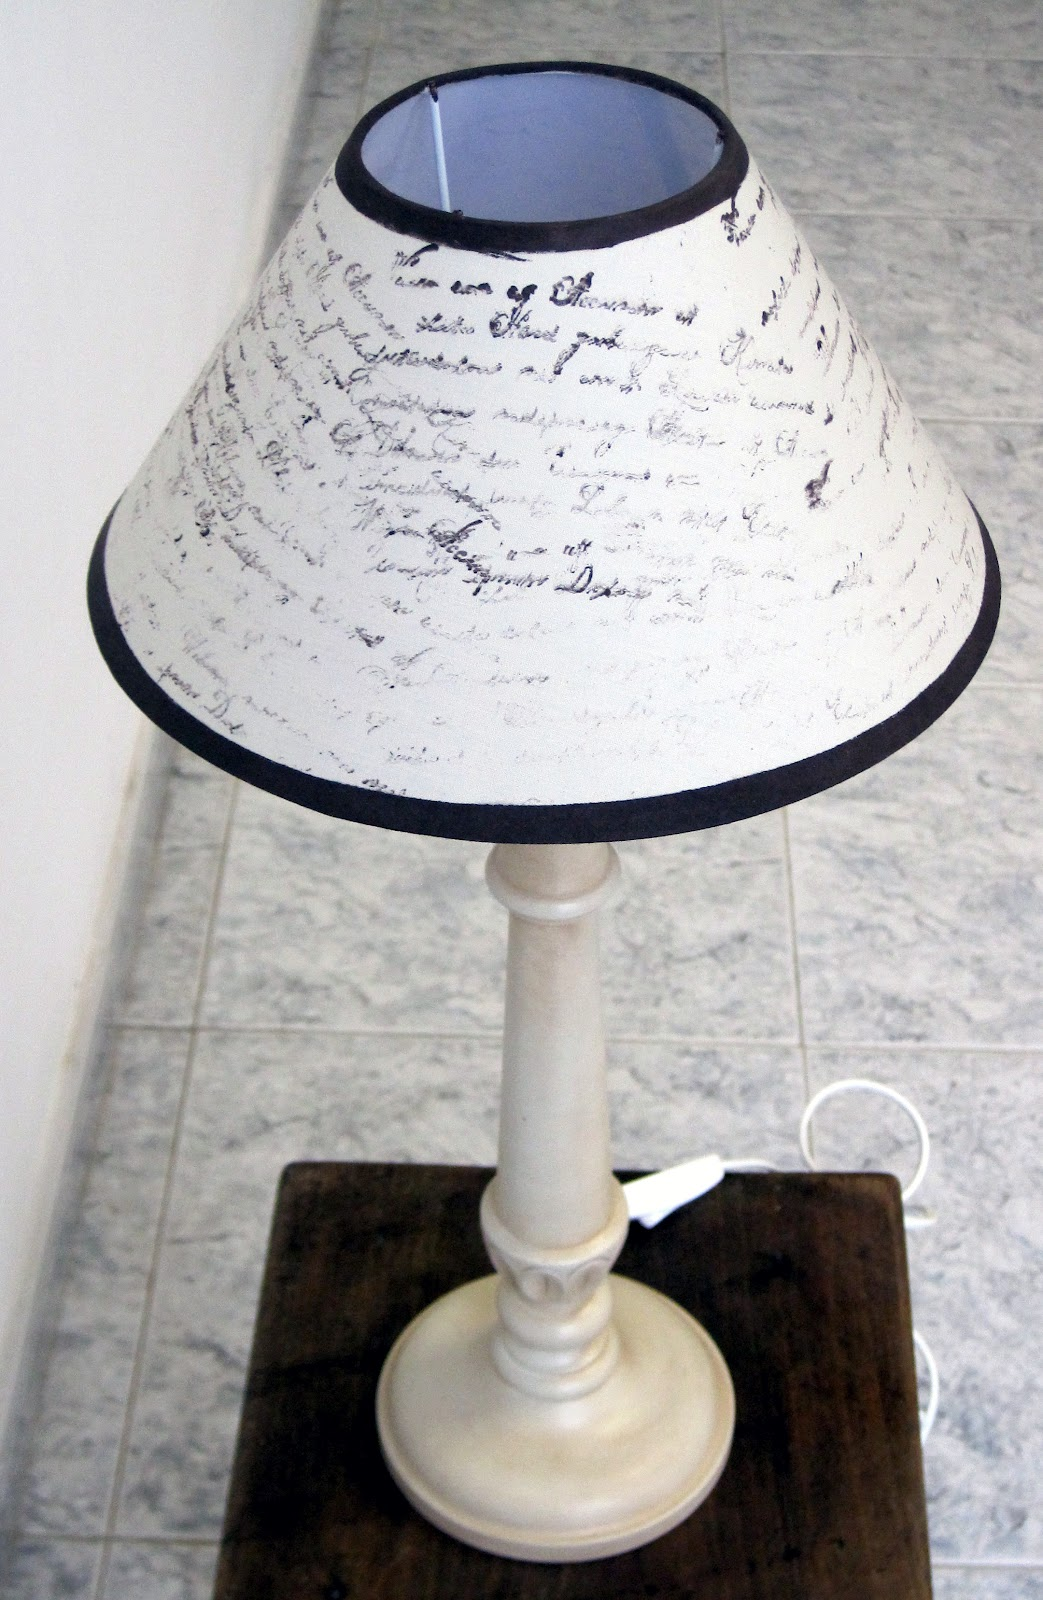 Retazos de mi vida lamparas personalizadas - Lamparas personalizadas ...